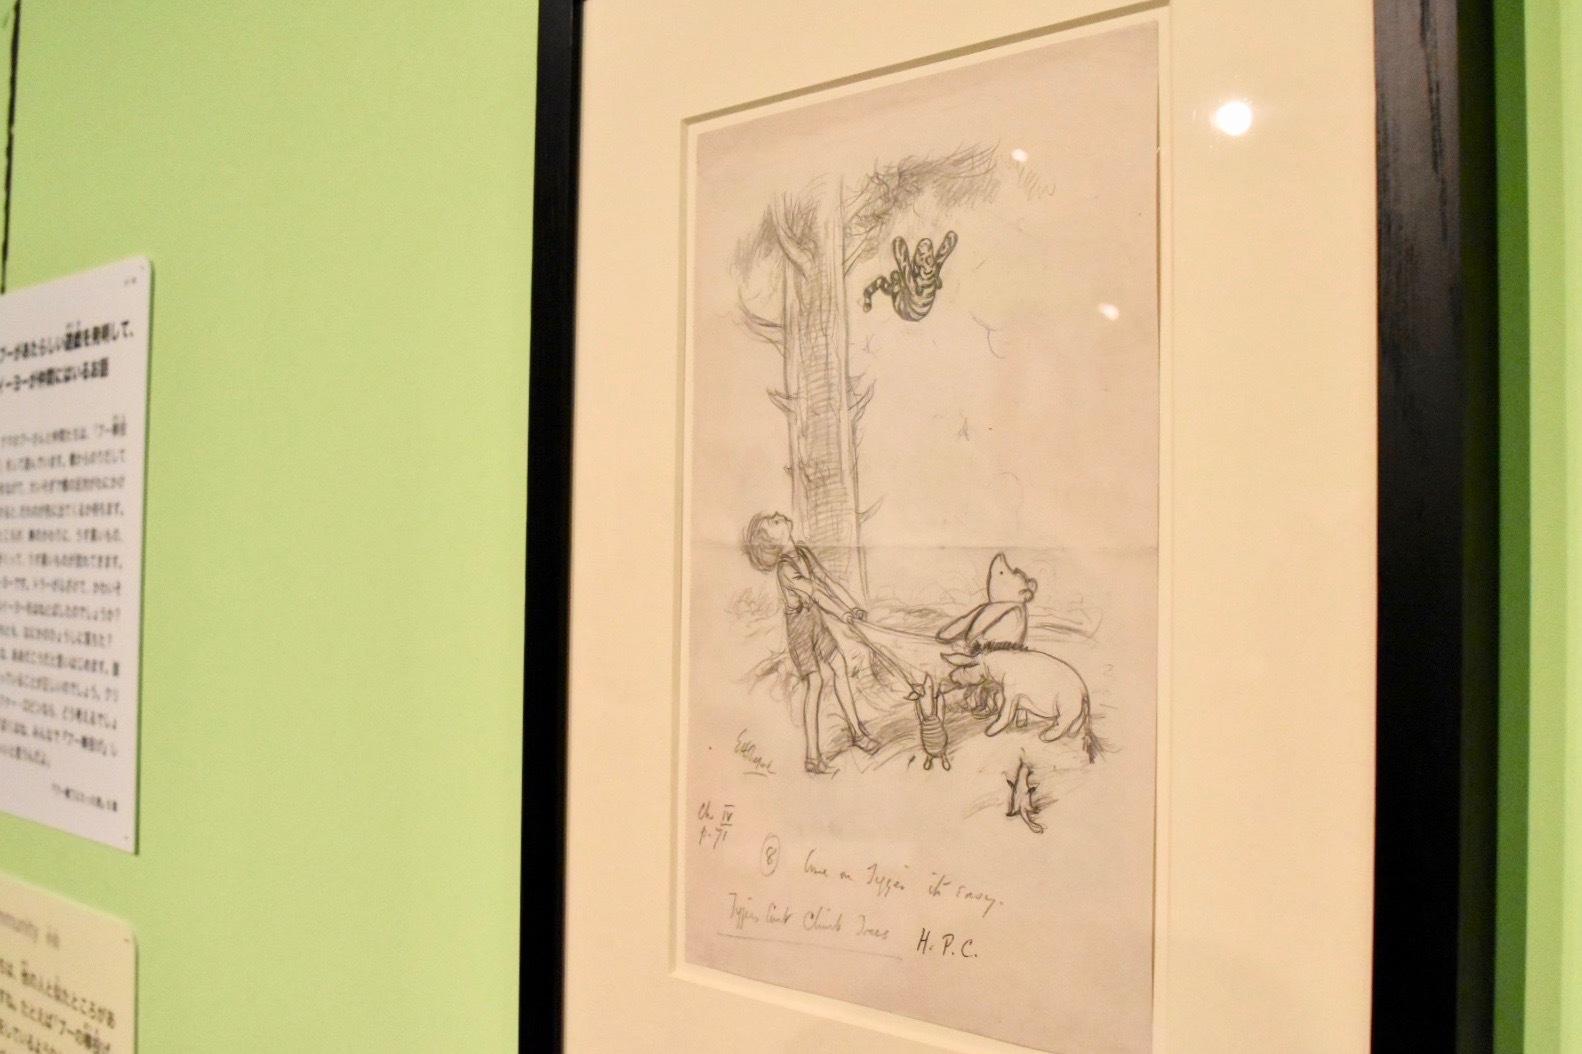 E.H.シェパード 「おいでよ、トラー、やさしいよ」『プー横丁にたった家』4章 1928年 ヴィクトリア・アンド・アルバート博物館所蔵